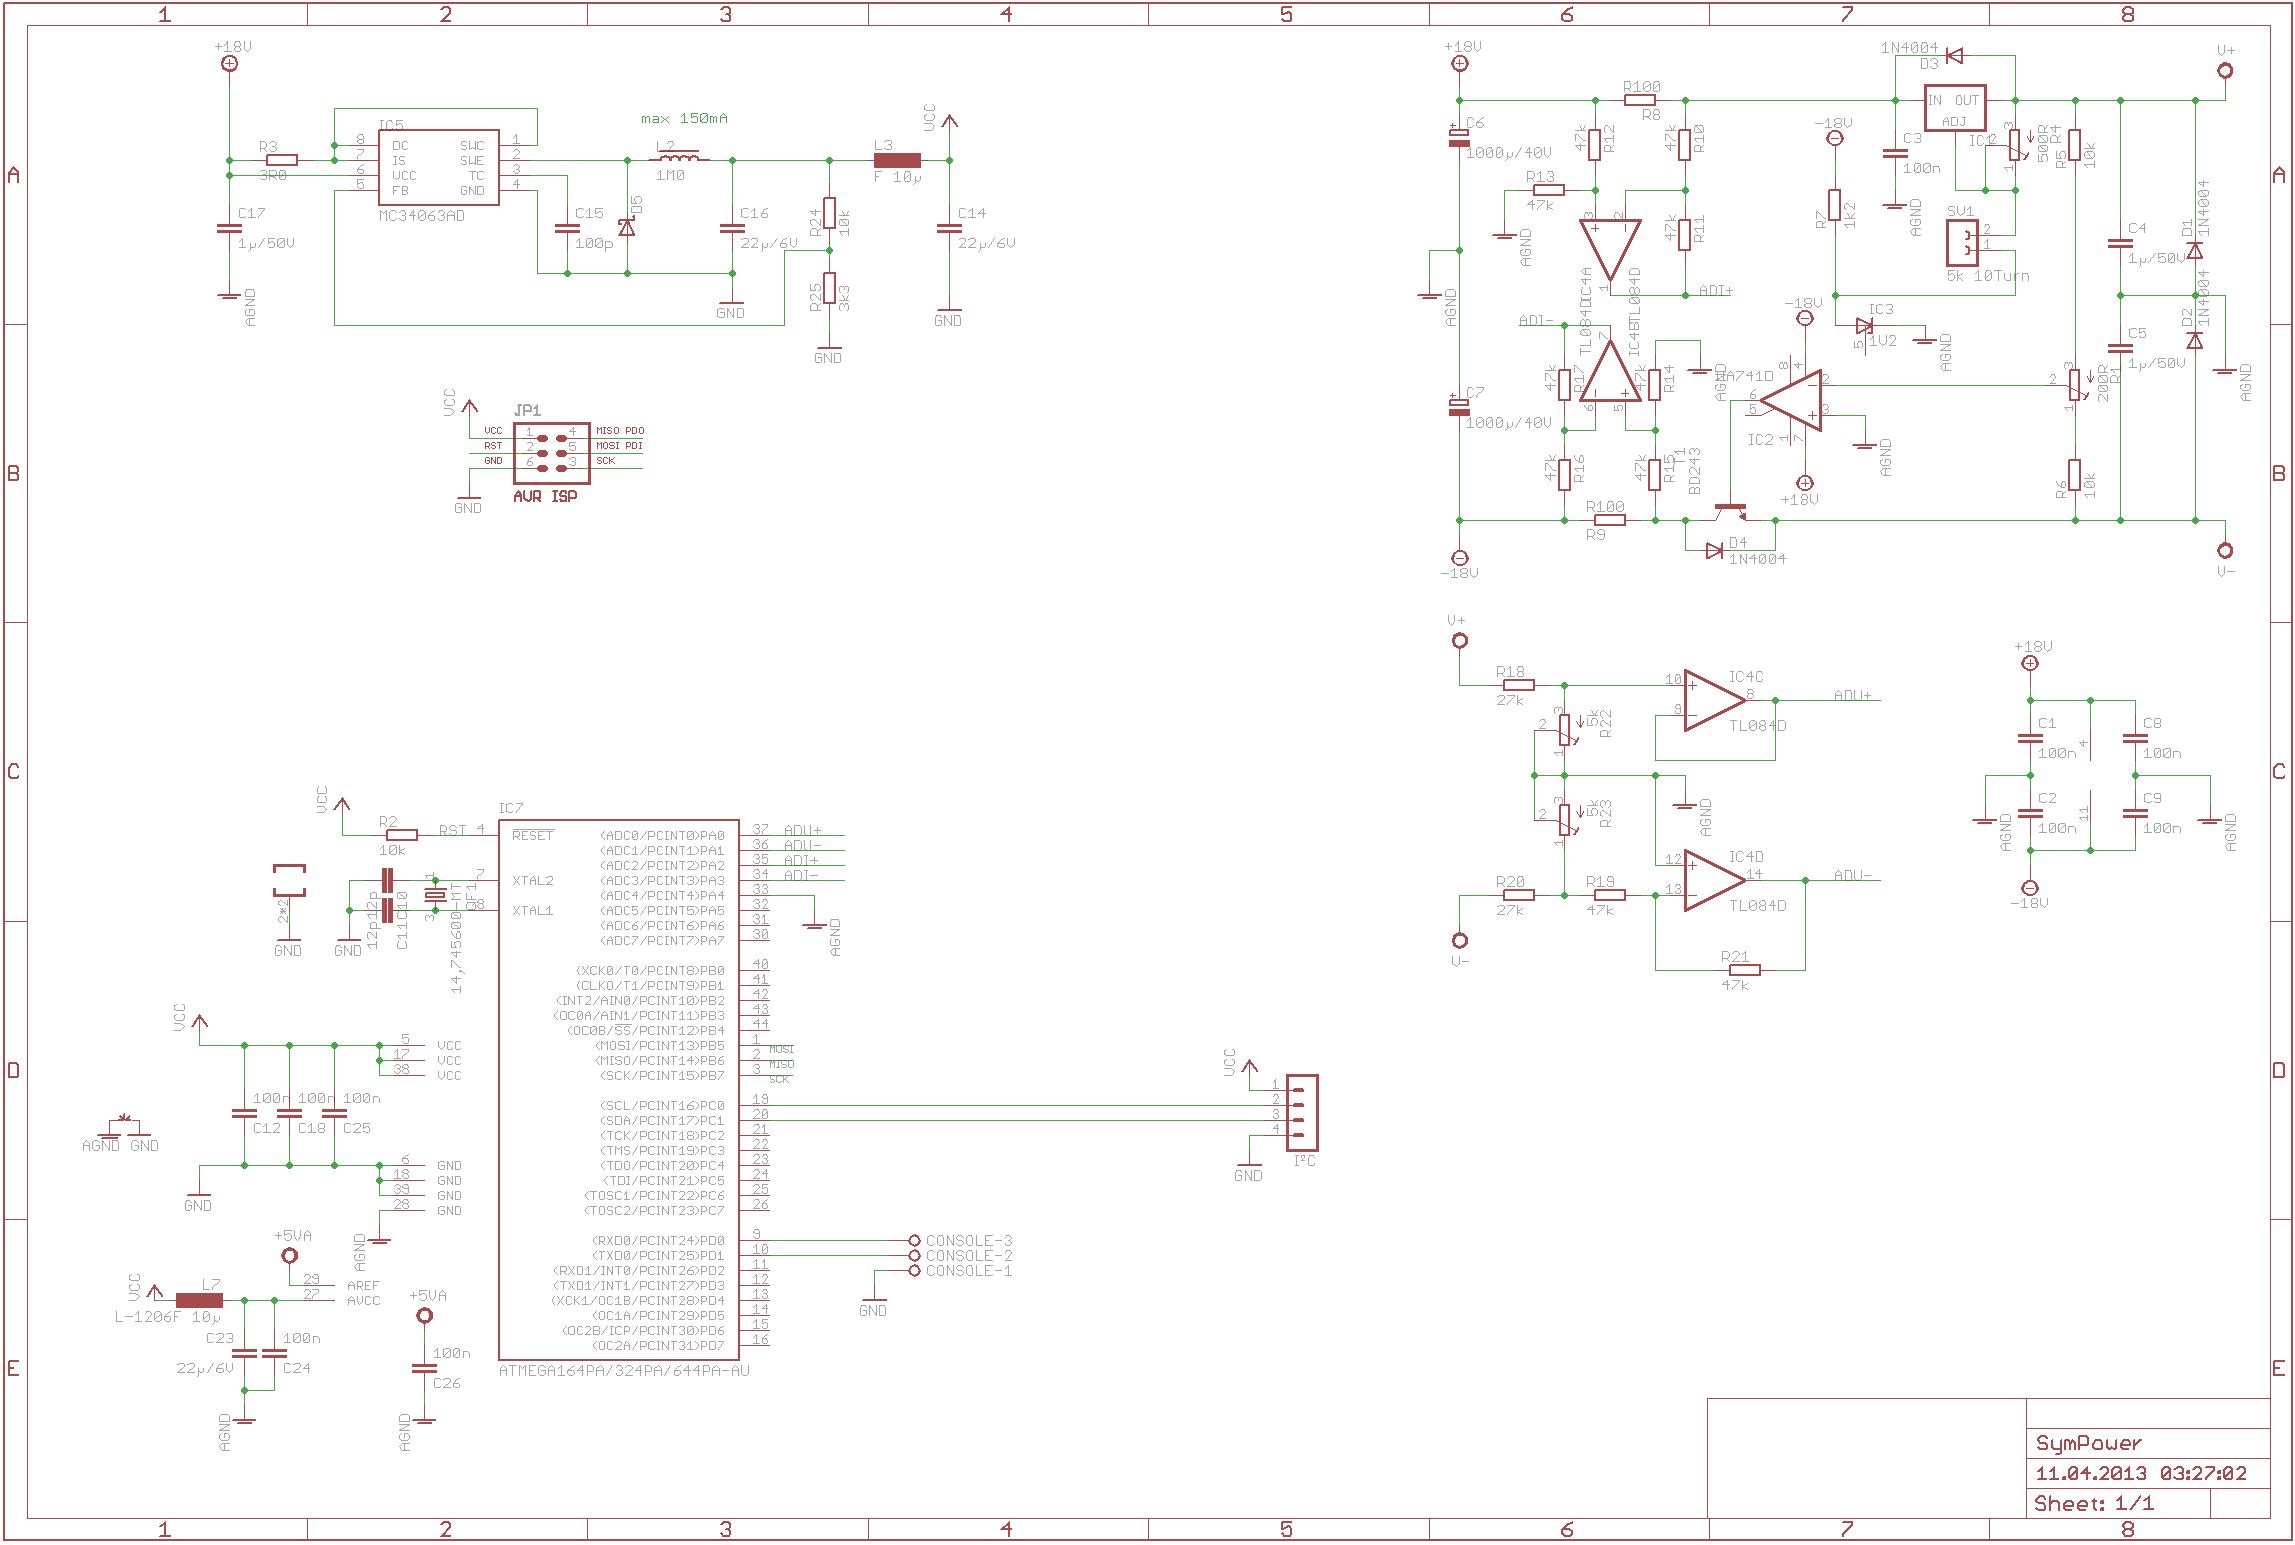 symmetrisches netzteil mit lm317 und tacking 0-16v